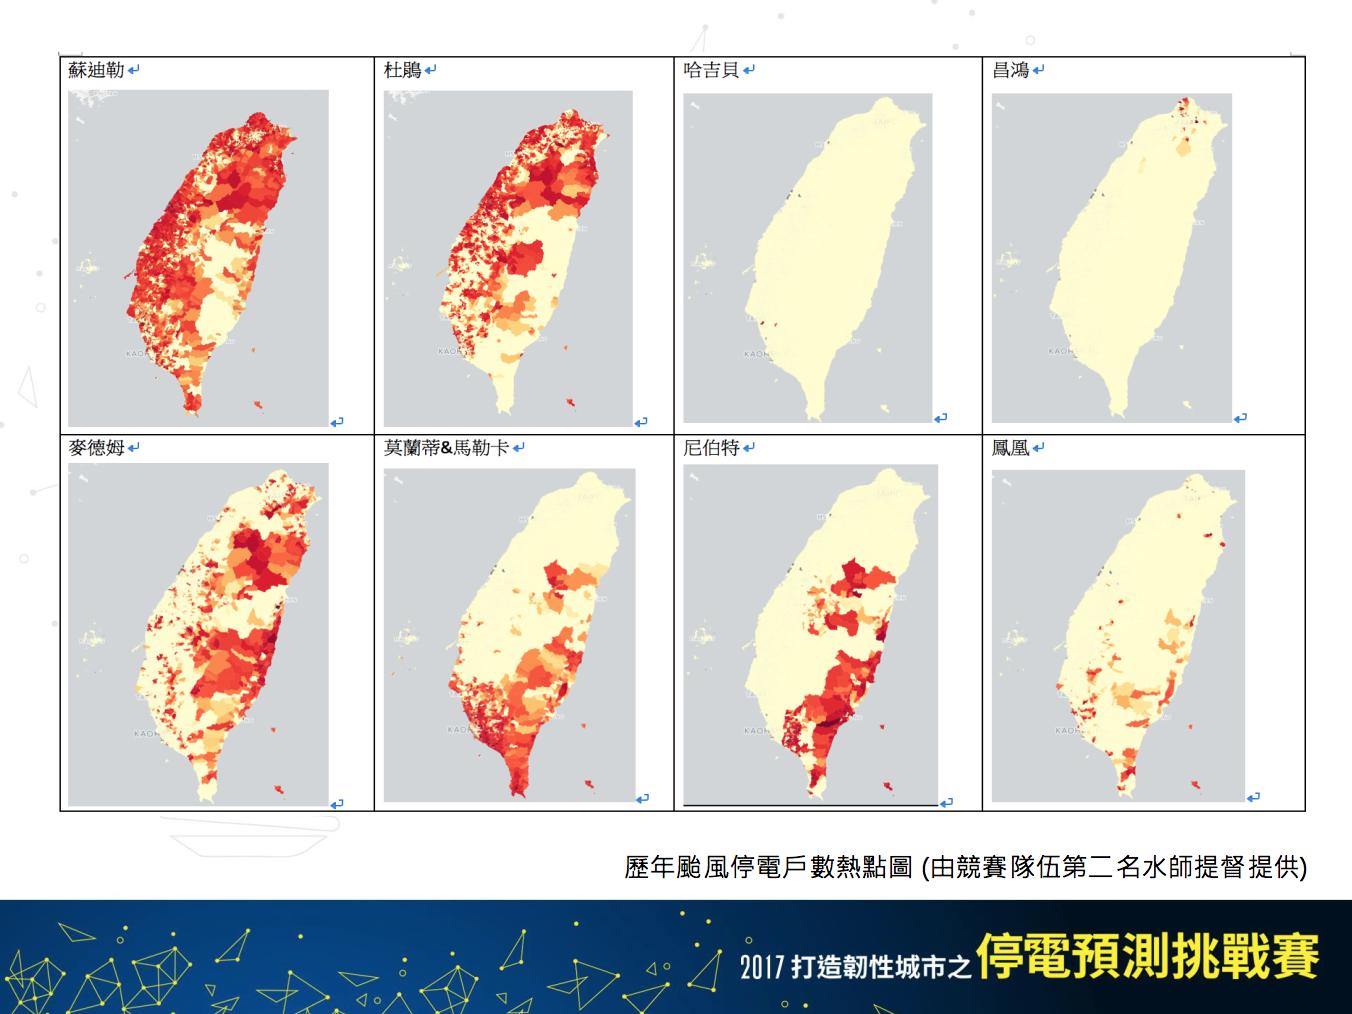 歷年颱風停電戶數熱點圖 (由競賽隊伍第二名水師提督提供)